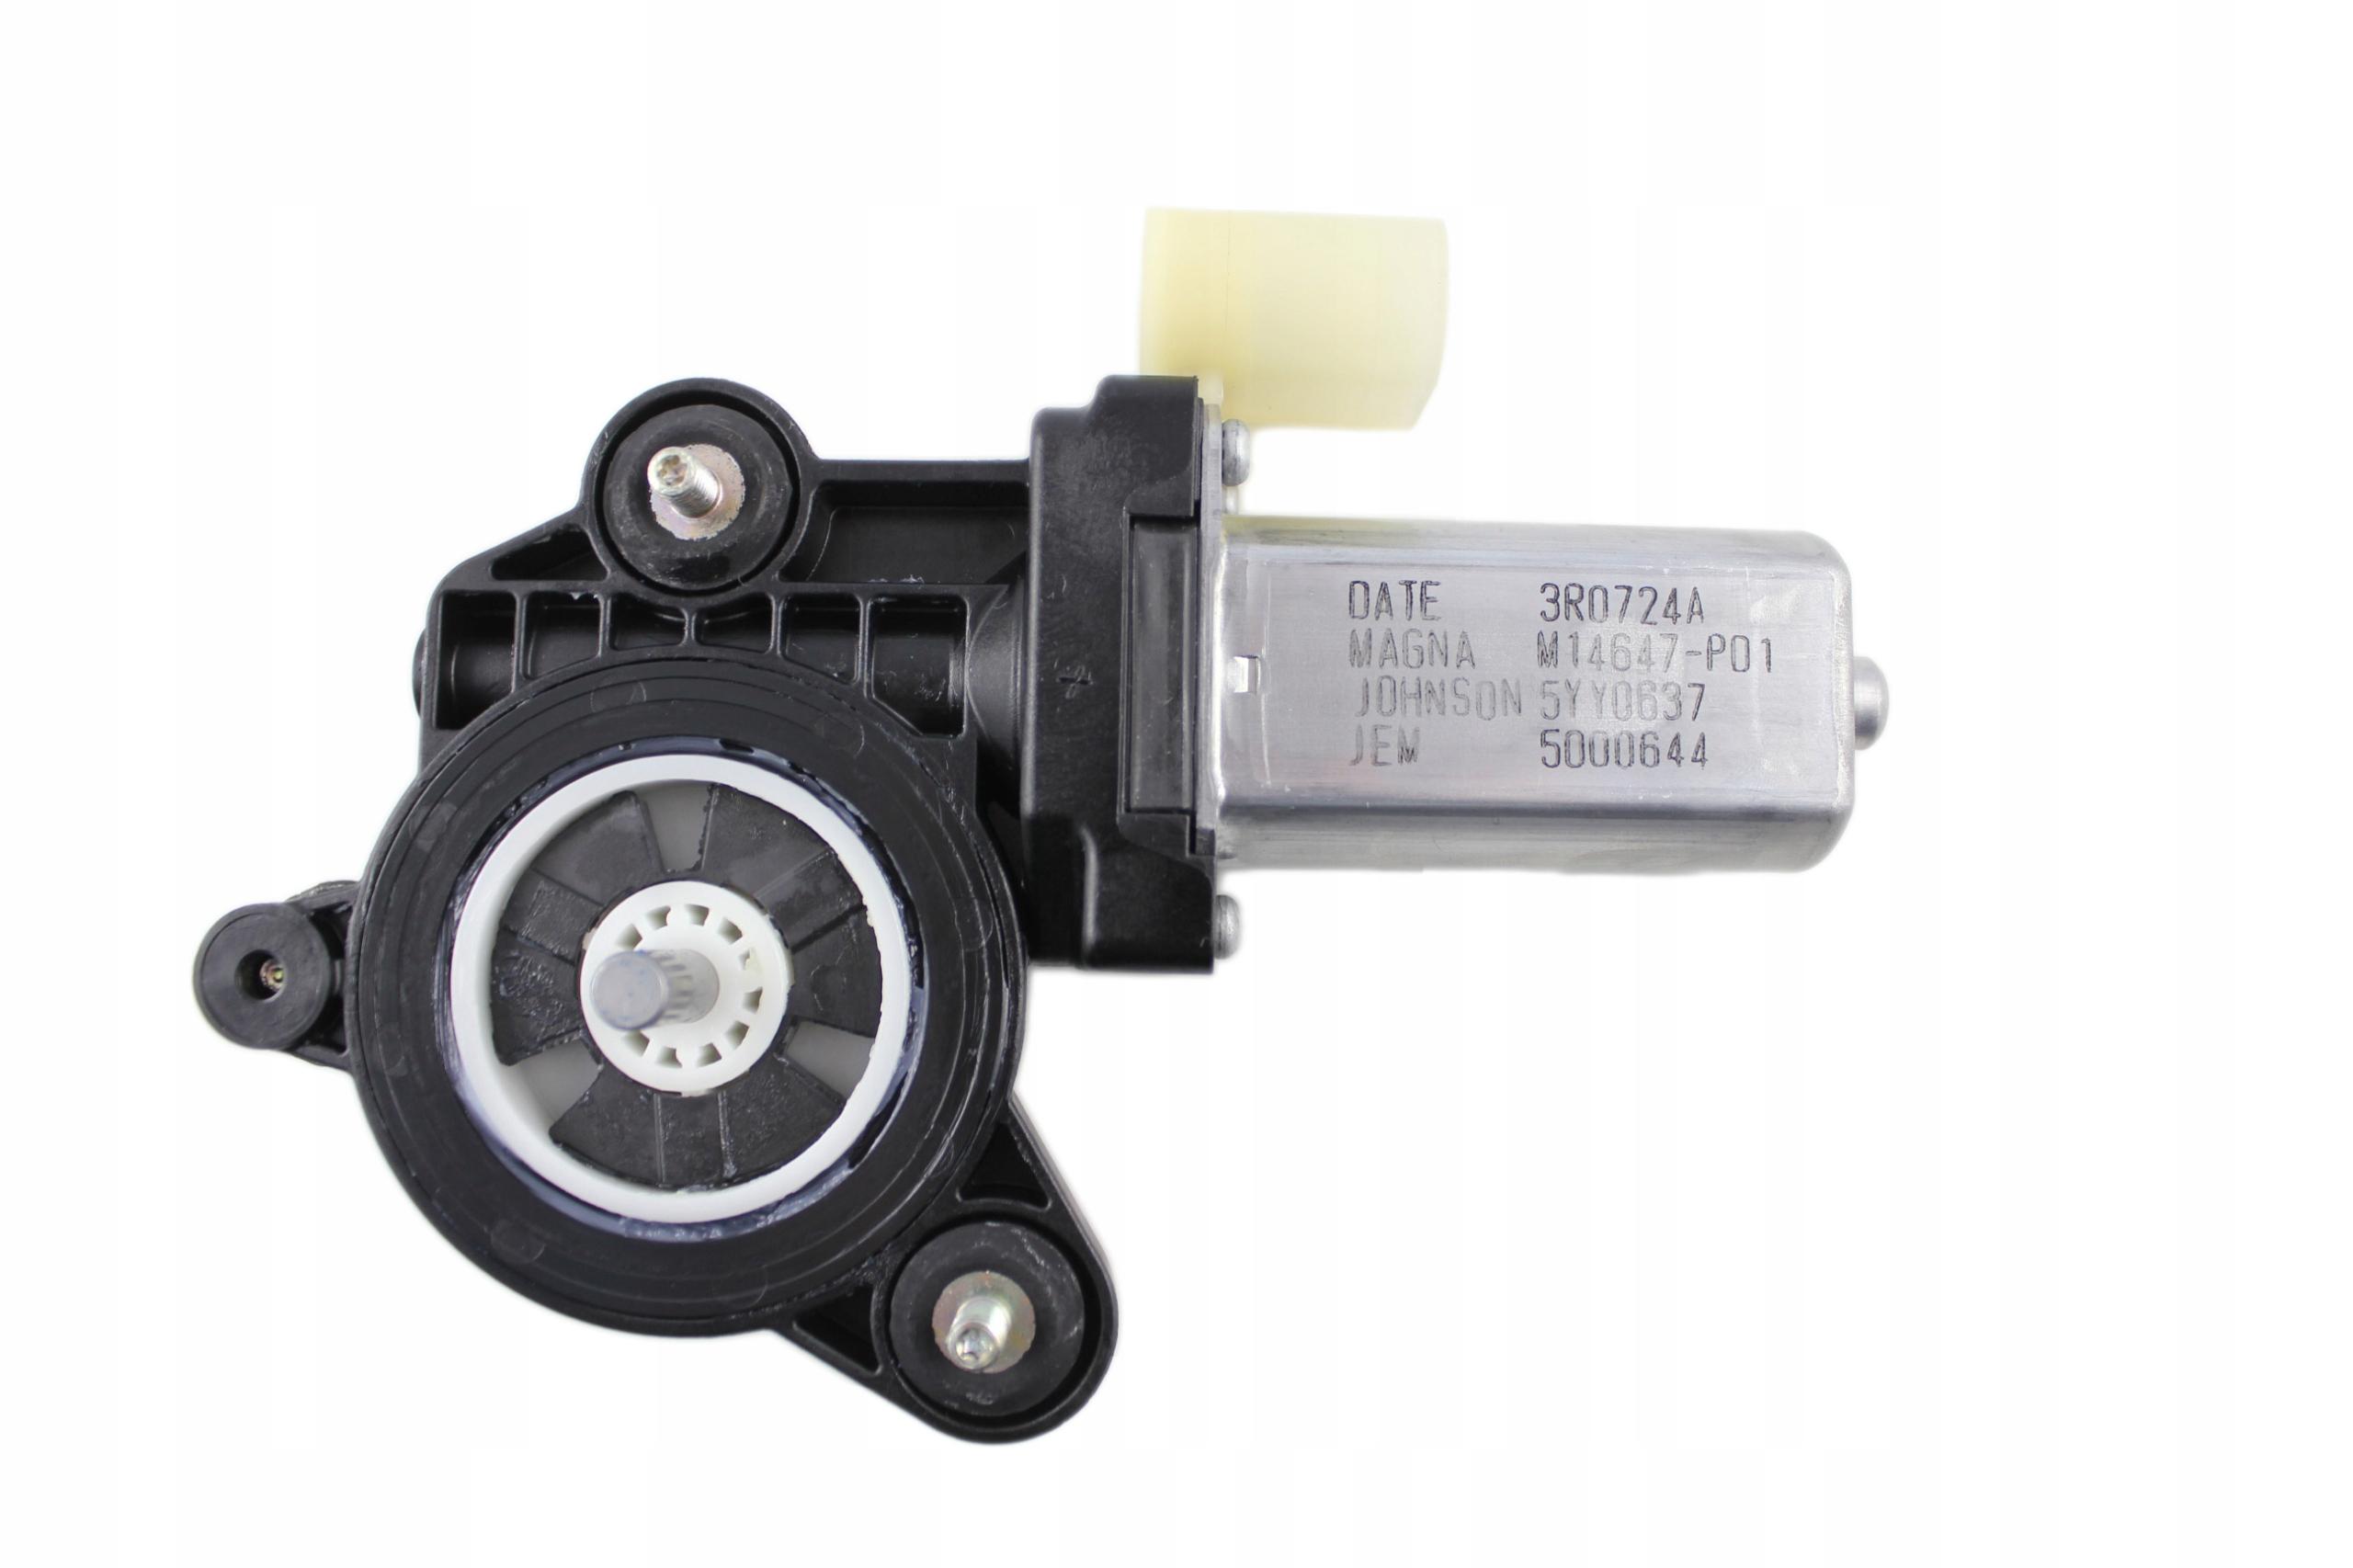 двигатель подъемника стекла bmw 67627341563 орг